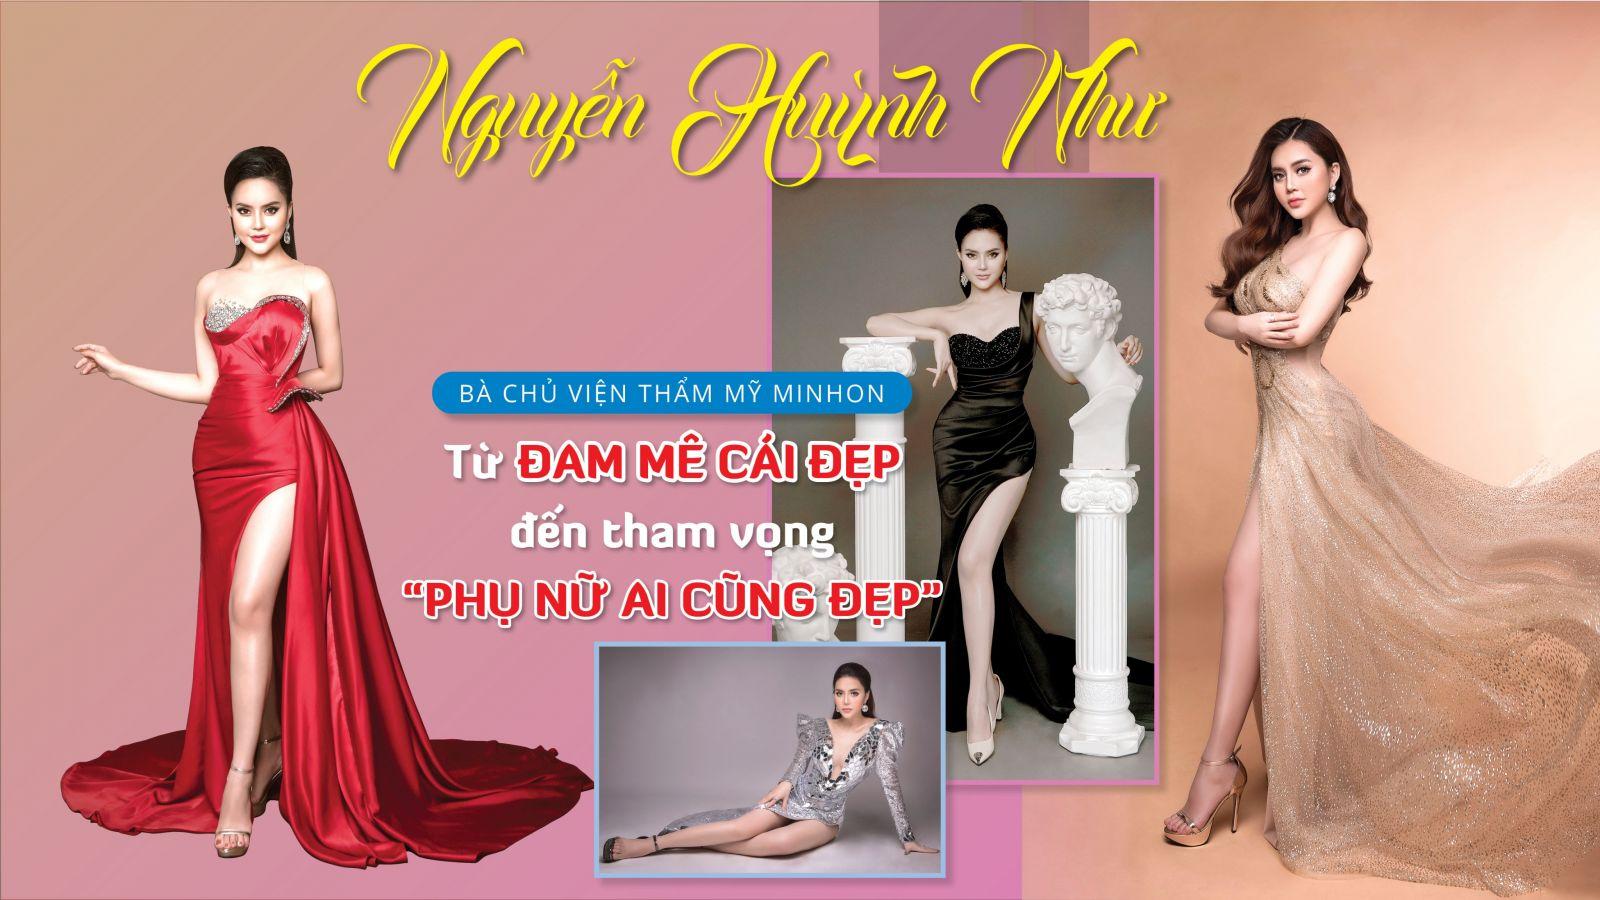 """Nguyễn Huỳnh Như – bà chủ Viện thẩm mỹ Minhon: Từ đam mê cái đẹp đến tham vọng """"Phụ nữ ai cũng đẹp"""""""